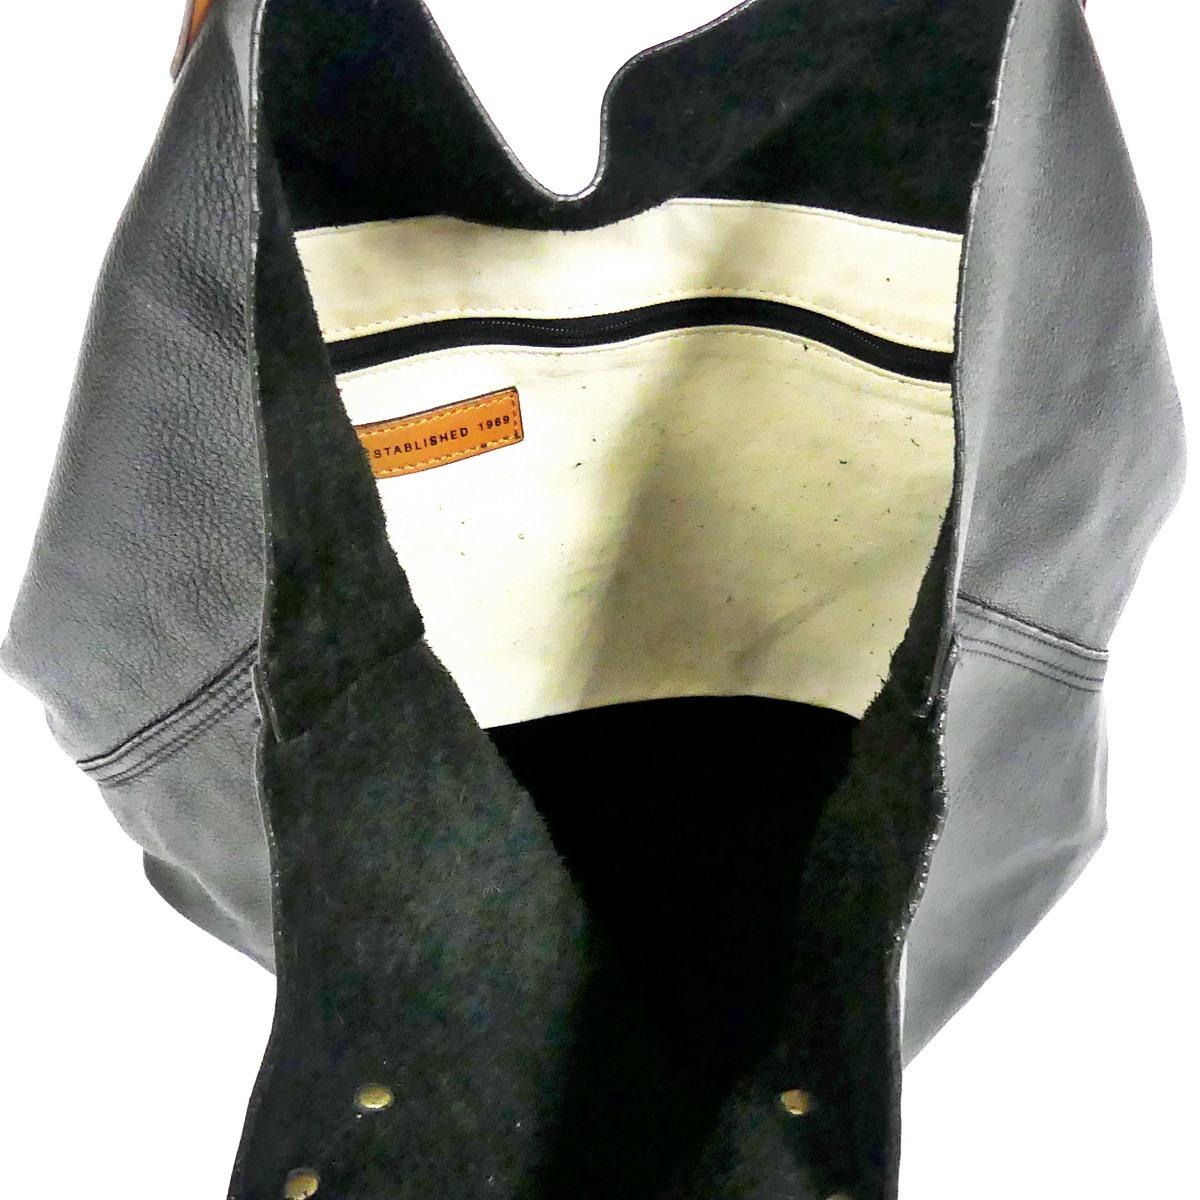 即決★GAP★オールレザートートバッグ ギャップ メンズ 黒 本革 ハンドバッグ 本皮 かばん 通勤 トラベル 出張 手提げバッグ 鞄 レディース_画像8